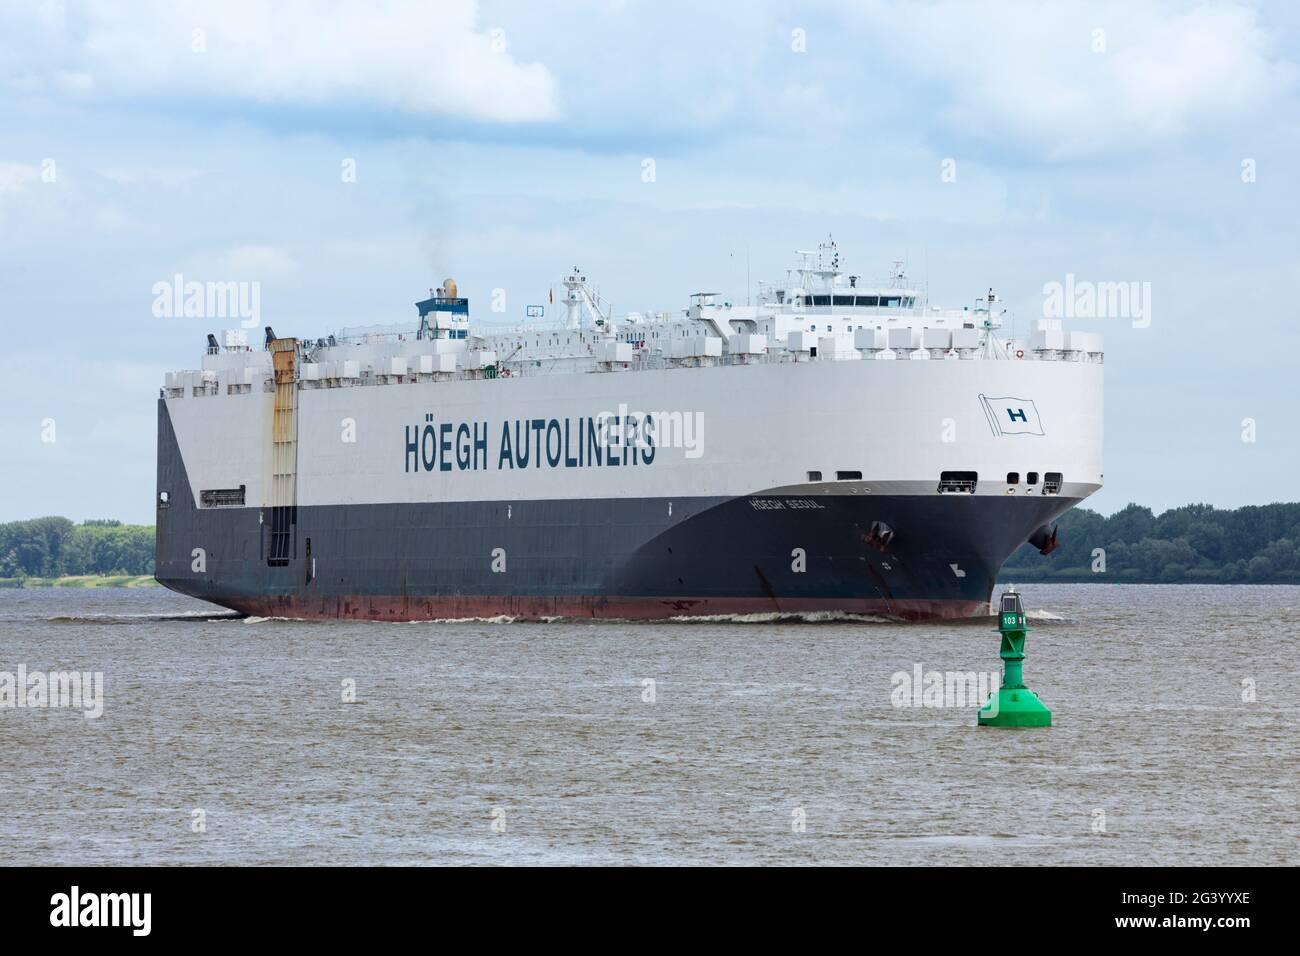 Stade, Allemagne - 15 juin 2021 : porte-véhicules HOEGH Séoul sur l'Elbe en direction de Hambourg. Le navire appartenant à Höegh Autoliners navigue sous Norvégien Banque D'Images